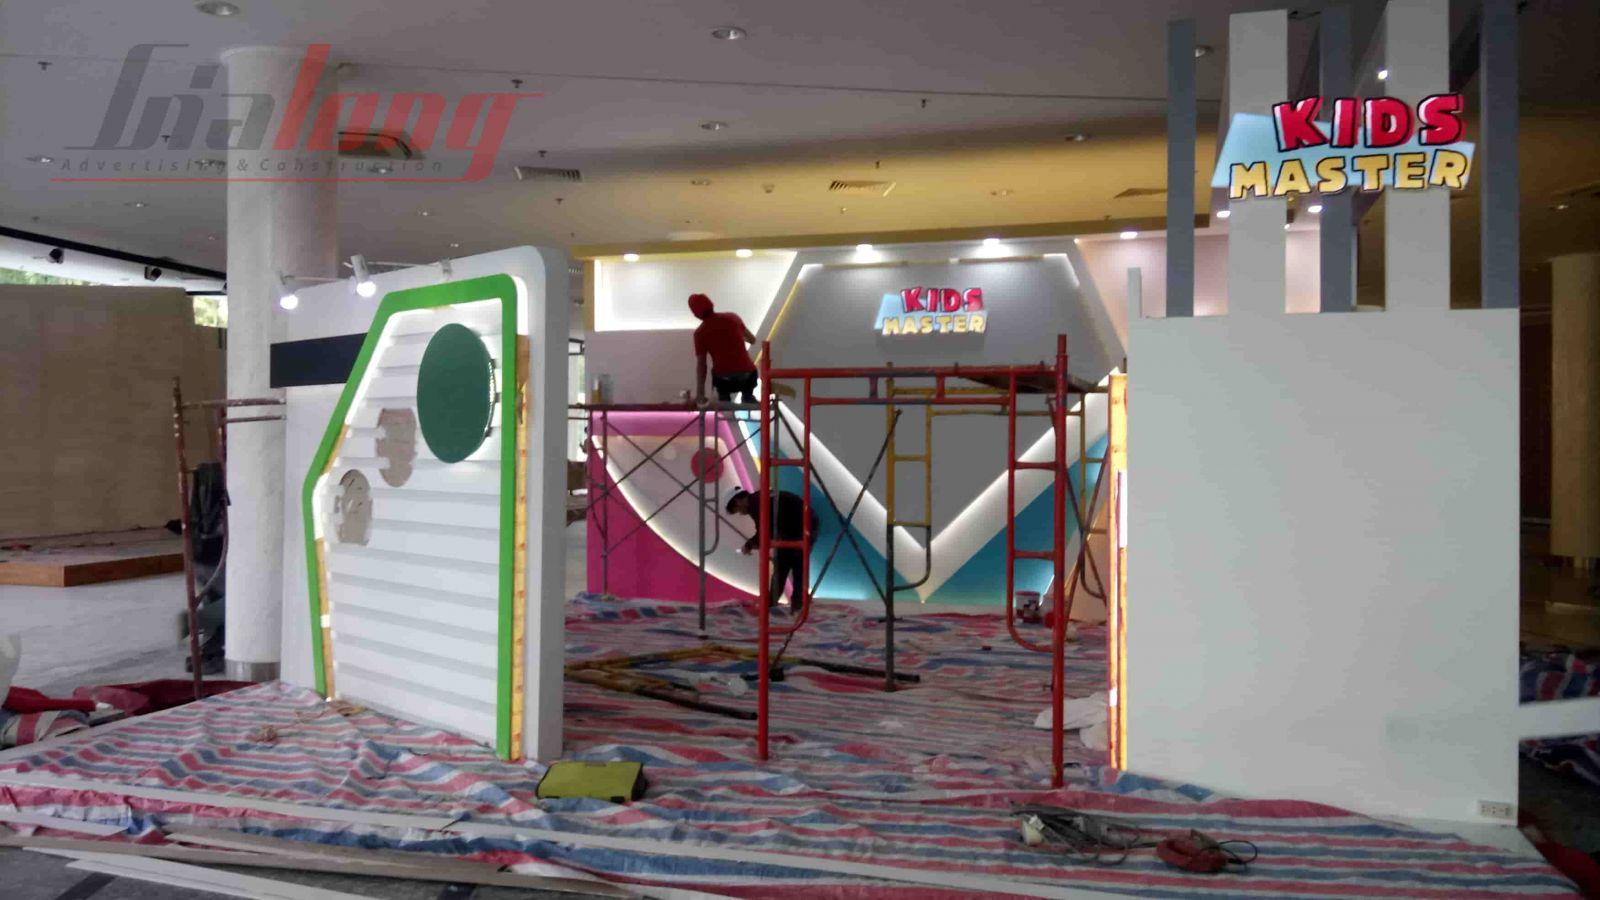 Thi công gian hàng VIFA EXPO 2018 - KIDS MASTER